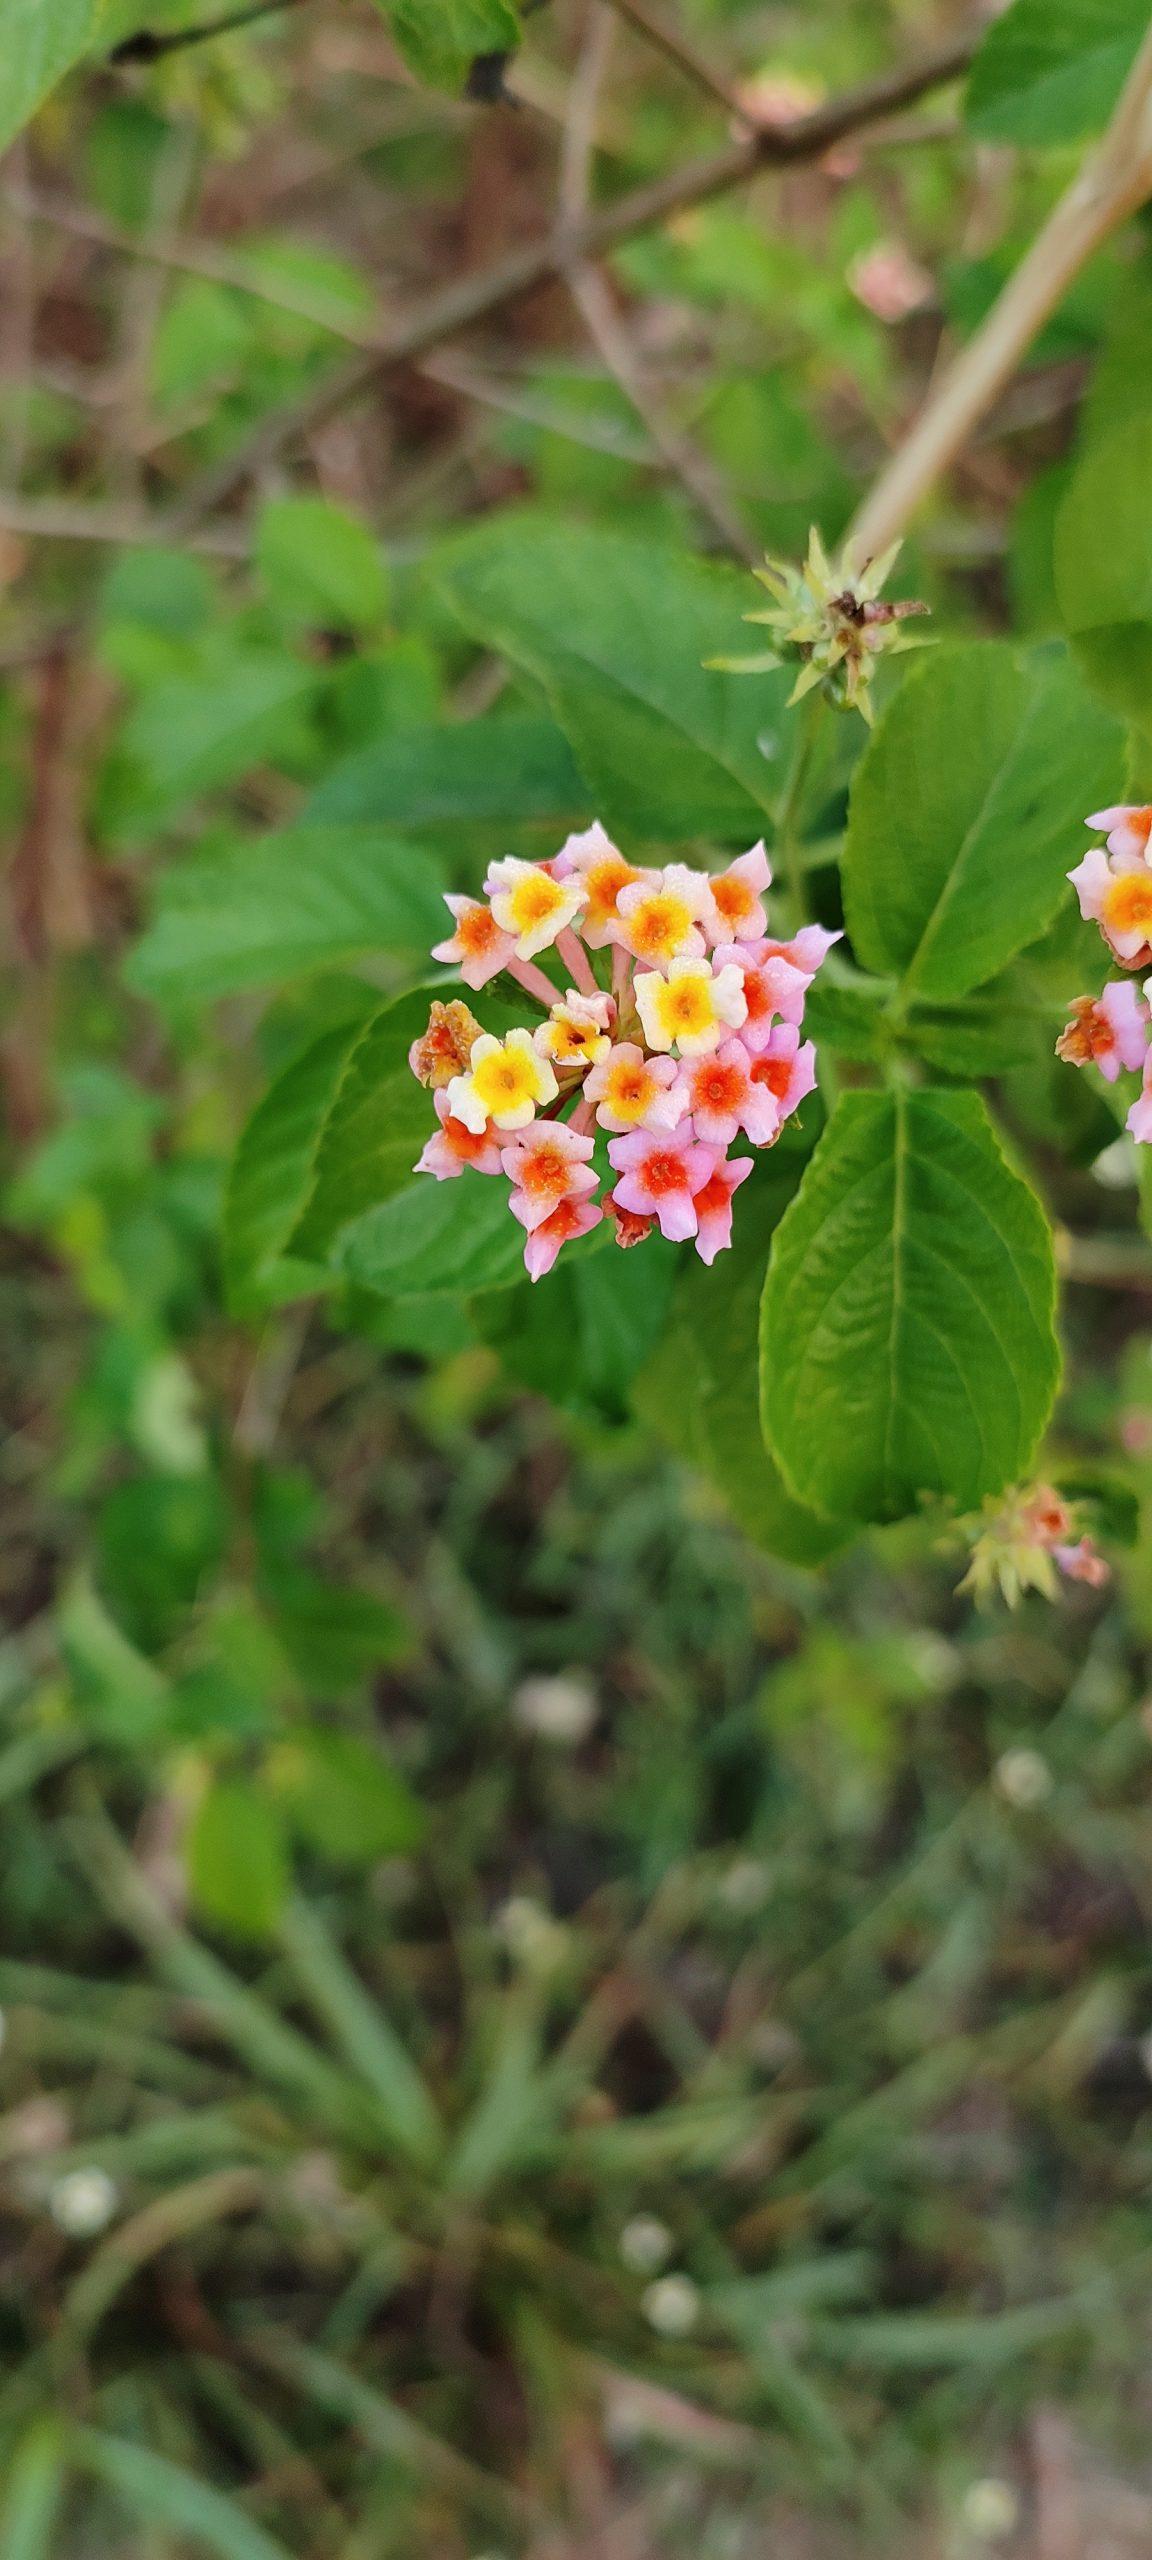 Wild flower on plant